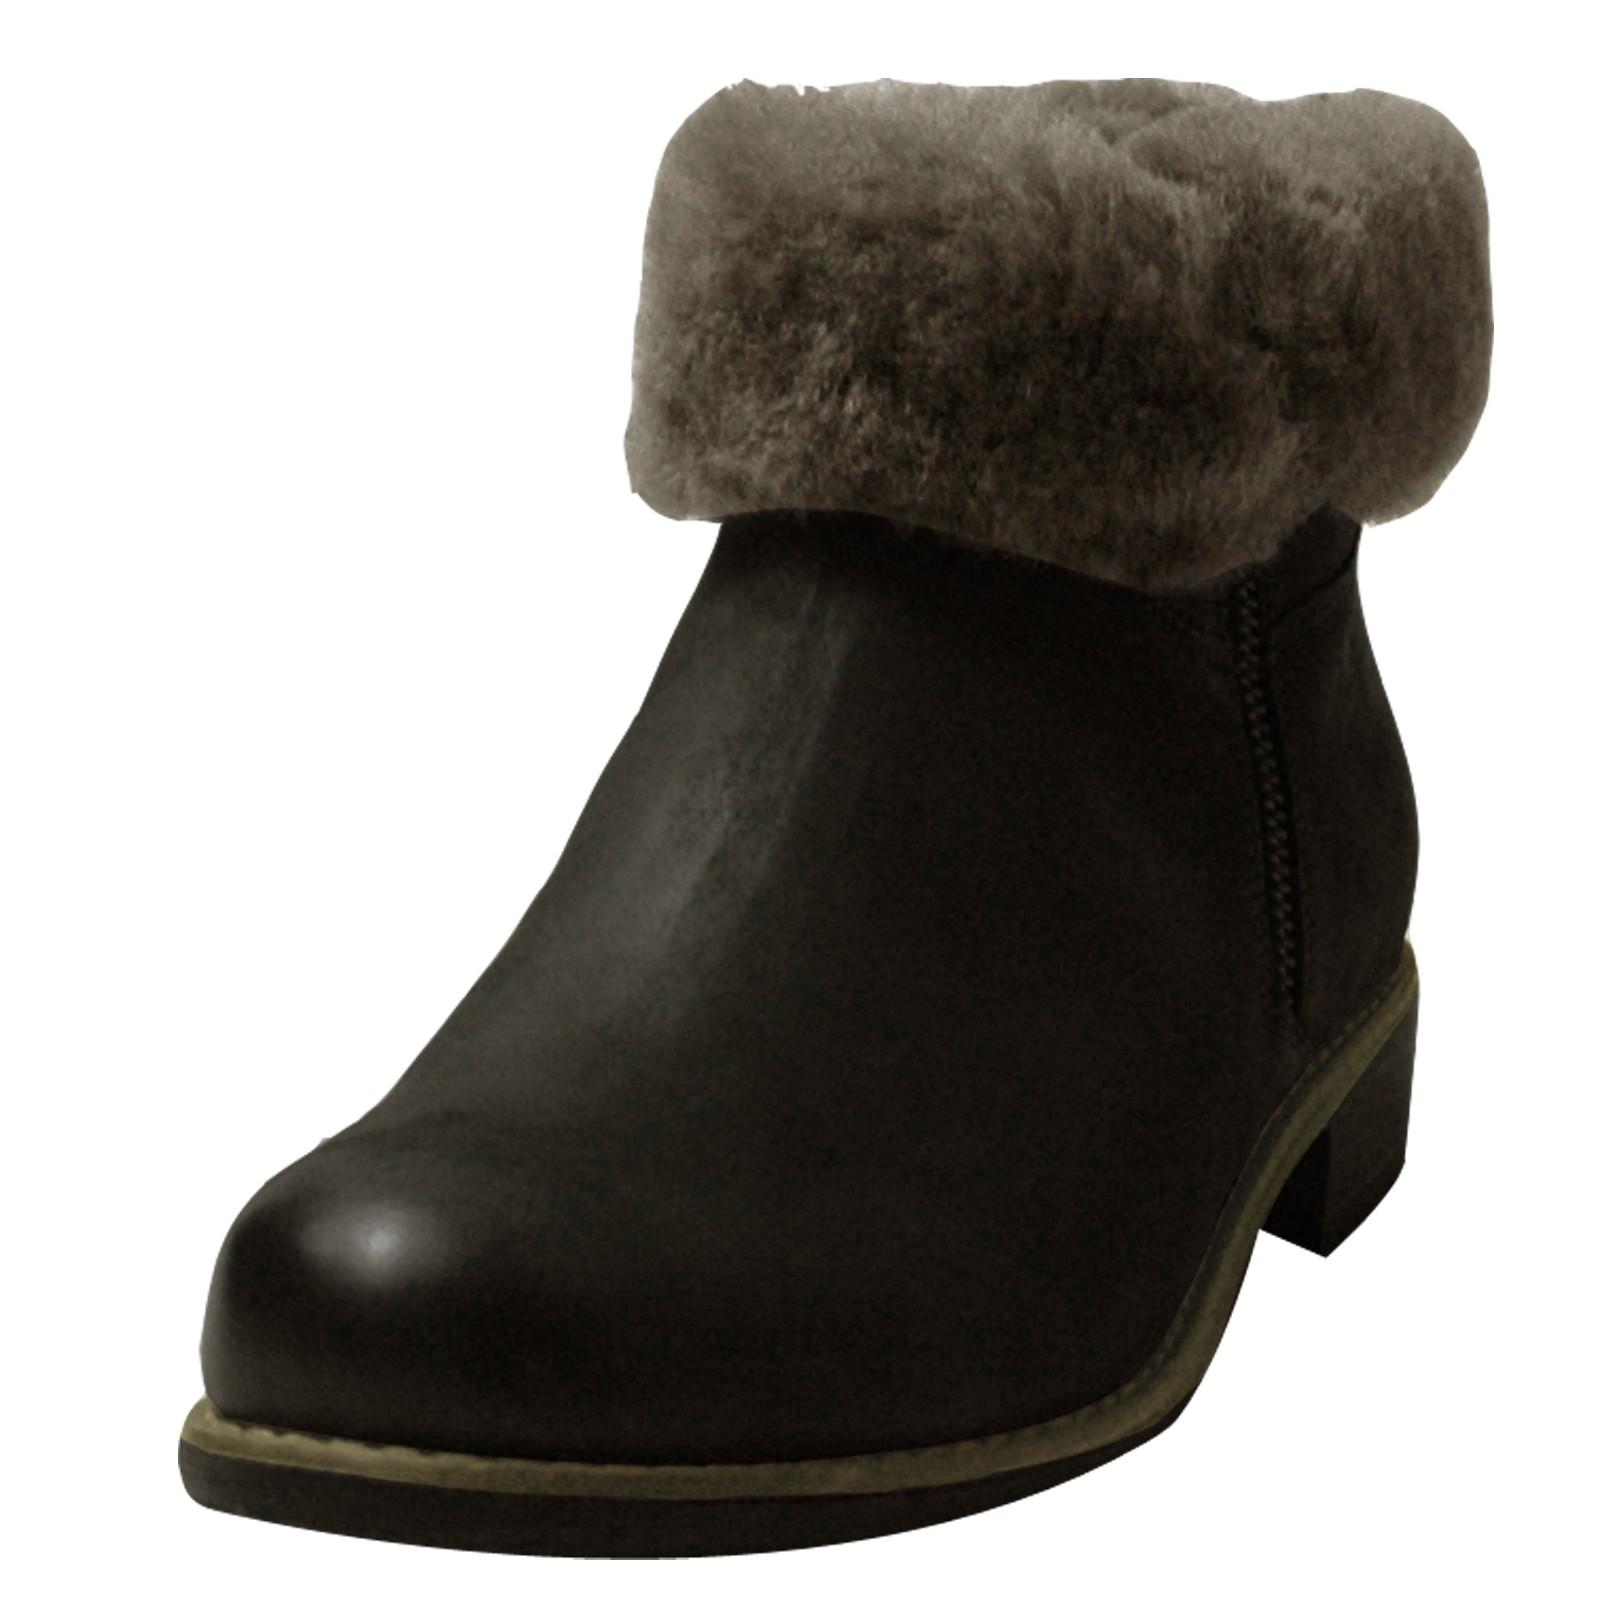 Caprice Damen - Kurzschaft Stiefel, grau mit Lammfellfutter